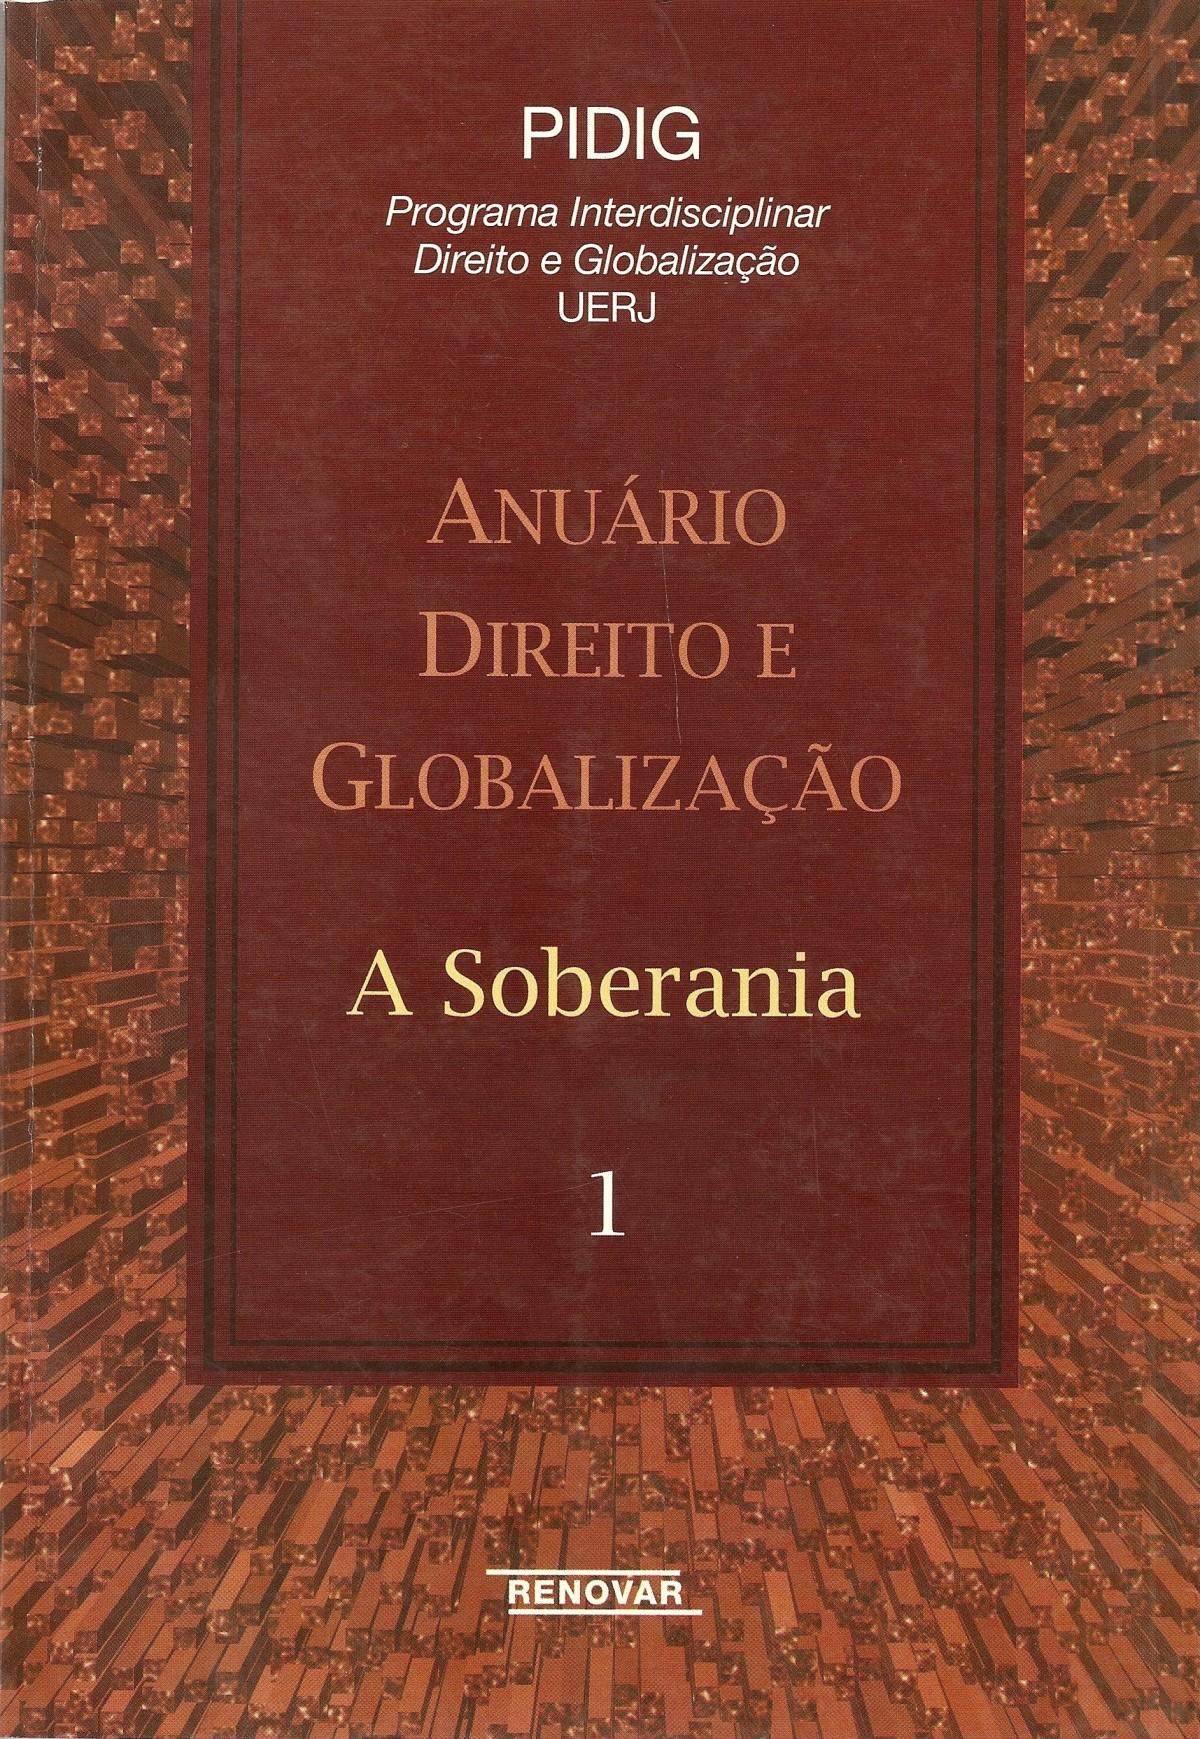 Foto 1 - Anuário Direito e Globalização - A Soberania